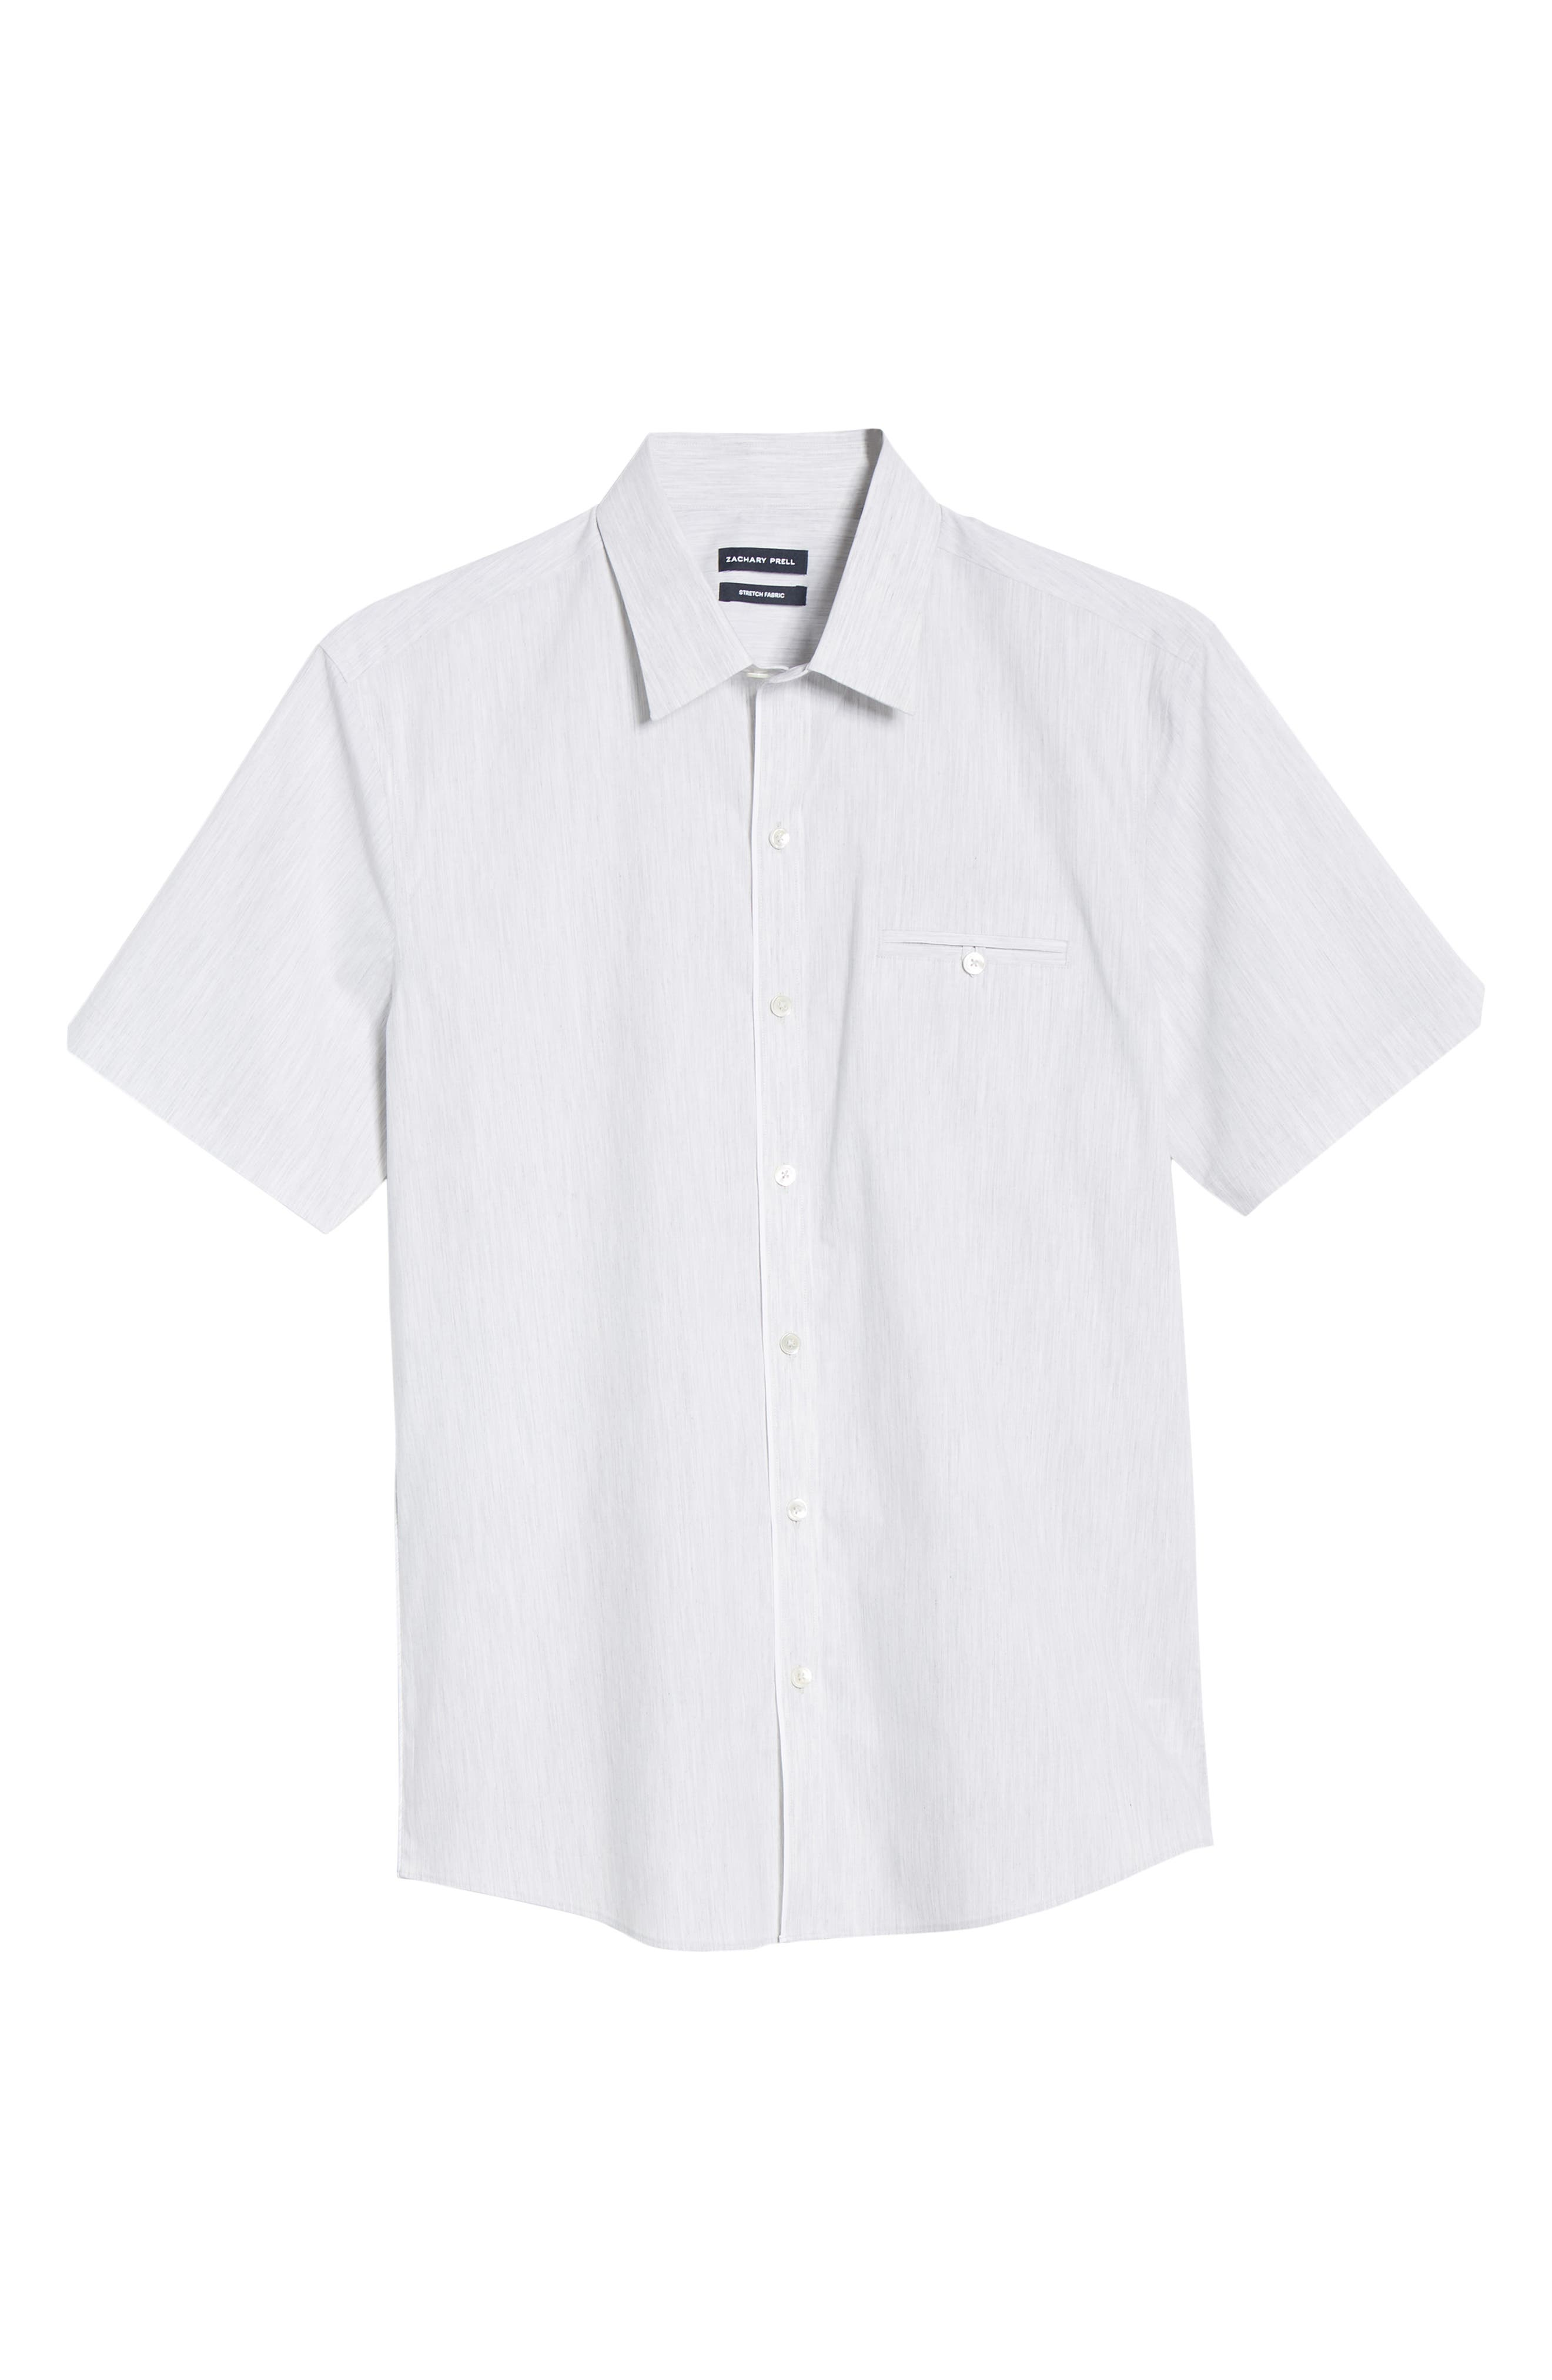 ZACHARY PRELL, Baumann Regular Fit Sport Shirt, Alternate thumbnail 5, color, GREY